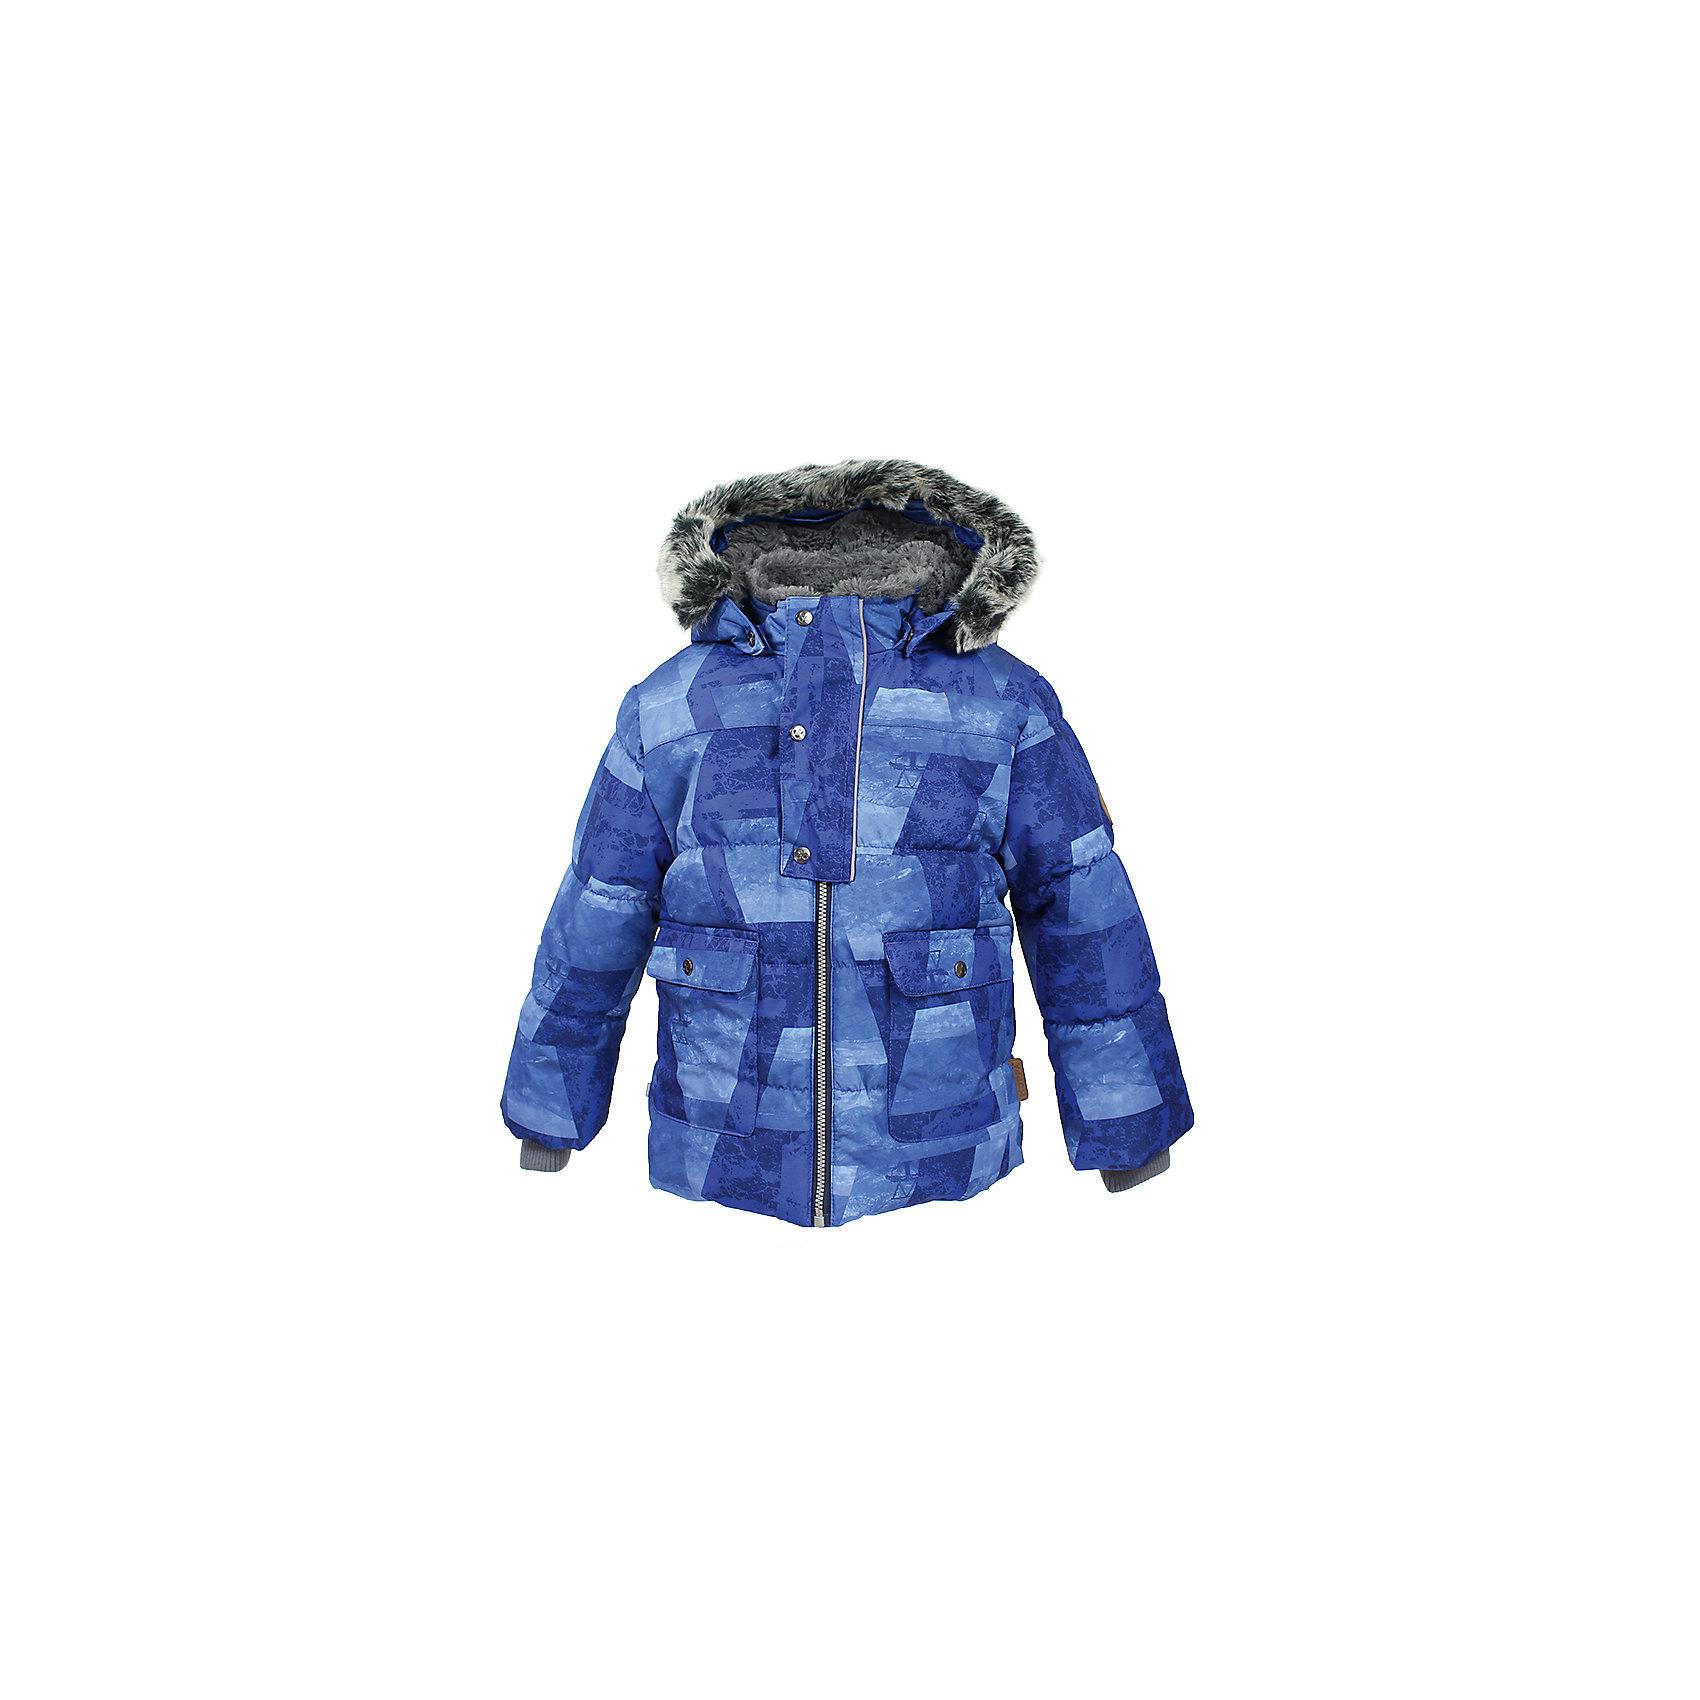 Куртка OLIVER Huppa для мальчикаЗимние куртки<br>Характеристики товара:<br><br>• модель: Oliver;<br>• цвет: синий;<br>• пол: мальчик;<br>• состав: 100% полиэстер;<br>• утеплитель: полиэстер,300 гр.;<br>• подкладка: Teddy Fur, тафта,полиэстер;<br>• сезон: зима;<br>• температурный режим: от -5 до - 30С;<br>• водонепроницаемость: 10000 мм;<br>• воздухопроницаемость: 10000 г/м2/24ч;<br>• особенности модели: с рисунком,с мехом на капюшоне;<br>• защита подбородка от защемления;<br>• мягкая меховая подкладка;<br>• капюшон крепится на кнопки и, при необходимости, отстегивается;<br>• искусственный мех на капюшоне съемный;<br>• спереди расположены два накладныхкармана, с клапанами на кнопках;<br>• светоотражающие элементы для безопасности ребенка;<br>•  трикотажные манжеты; <br>• страна бренда: Финляндия;<br>• страна изготовитель: Эстония.<br><br>Куртка Oliver  для мальчика изготовлена из водо и ветронепроницаемого, грязеотталкивающего материала. В зимней куртке Oliver  300 грамм утеплителя, которые обеспечат тепло и комфорт ребенку при температуре от -5 до -30 градусов.Подкладка —Teddy Fur,тафта.<br><br>Куртка с капюшоном застегивается на застежку-молнию и кнопки. Капюшон отстегивается с помощью кнопок, мех отстегивается. Рукава с трикотажными манжетами. У модели имеются два накладных кармана с клапанами на кнопках. Изделие дополнено светоотражающими элементами.<br><br>Куртку Oliver для мальчика бренда HUPPA  можно купить в нашем интернет-магазине.<br><br>Ширина мм: 356<br>Глубина мм: 10<br>Высота мм: 245<br>Вес г: 519<br>Цвет: синий<br>Возраст от месяцев: 72<br>Возраст до месяцев: 84<br>Пол: Мужской<br>Возраст: Детский<br>Размер: 122,74,80,86,92,98,104,110,116<br>SKU: 7024912